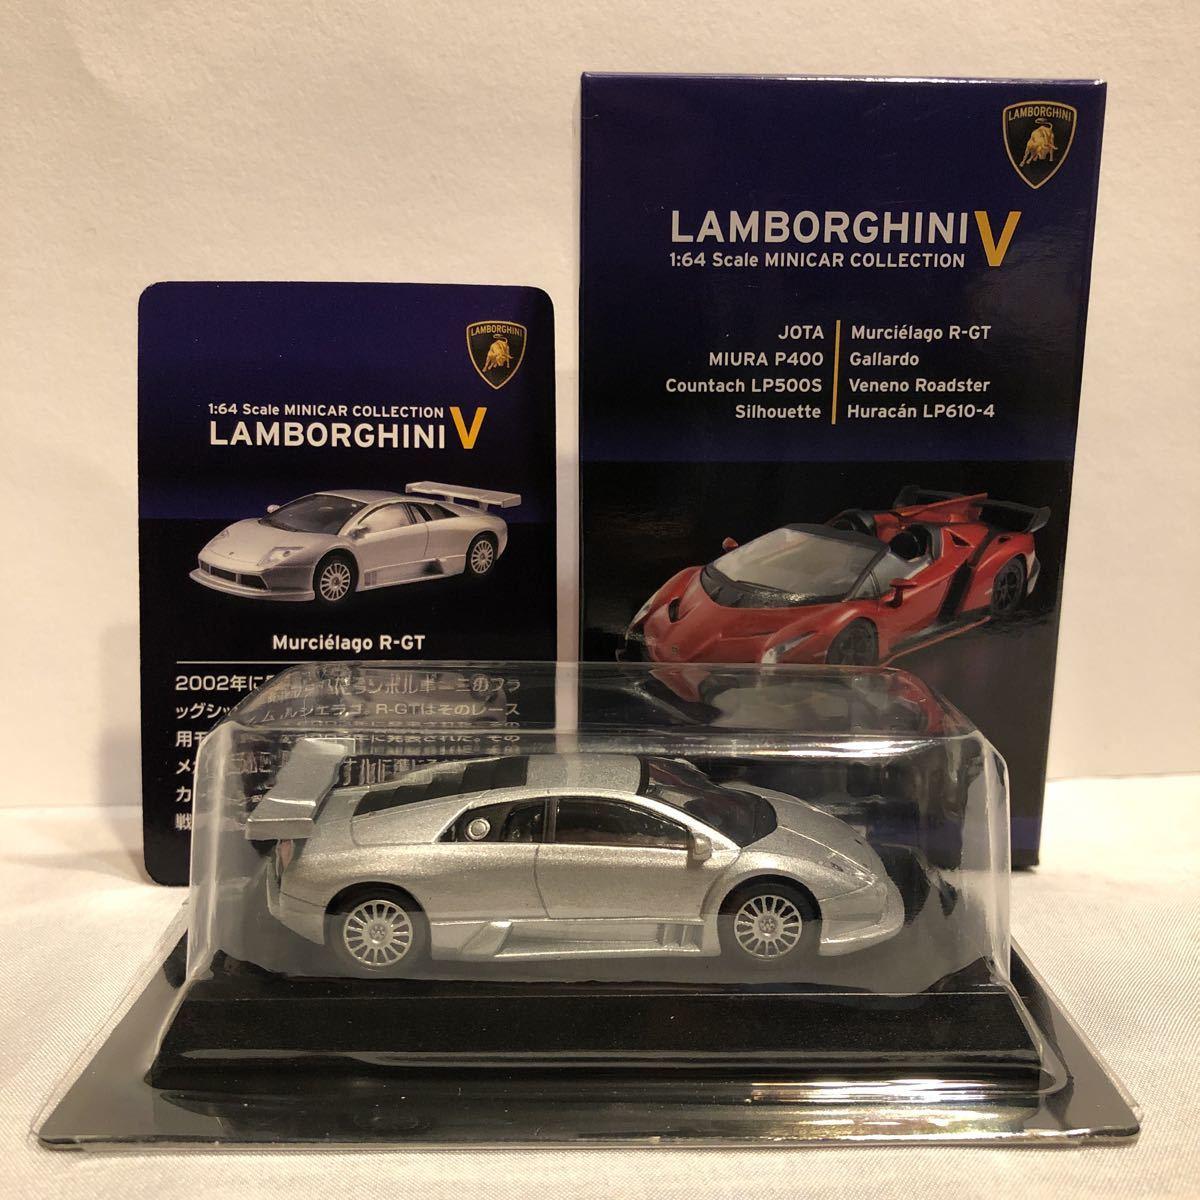 京商 1/64 LAMBORGHINI Ⅴ Murcielago R-GT ランボルギーニ #5 ムルシエラゴ 銀色 シルバー ミニカー モデルカー_画像3